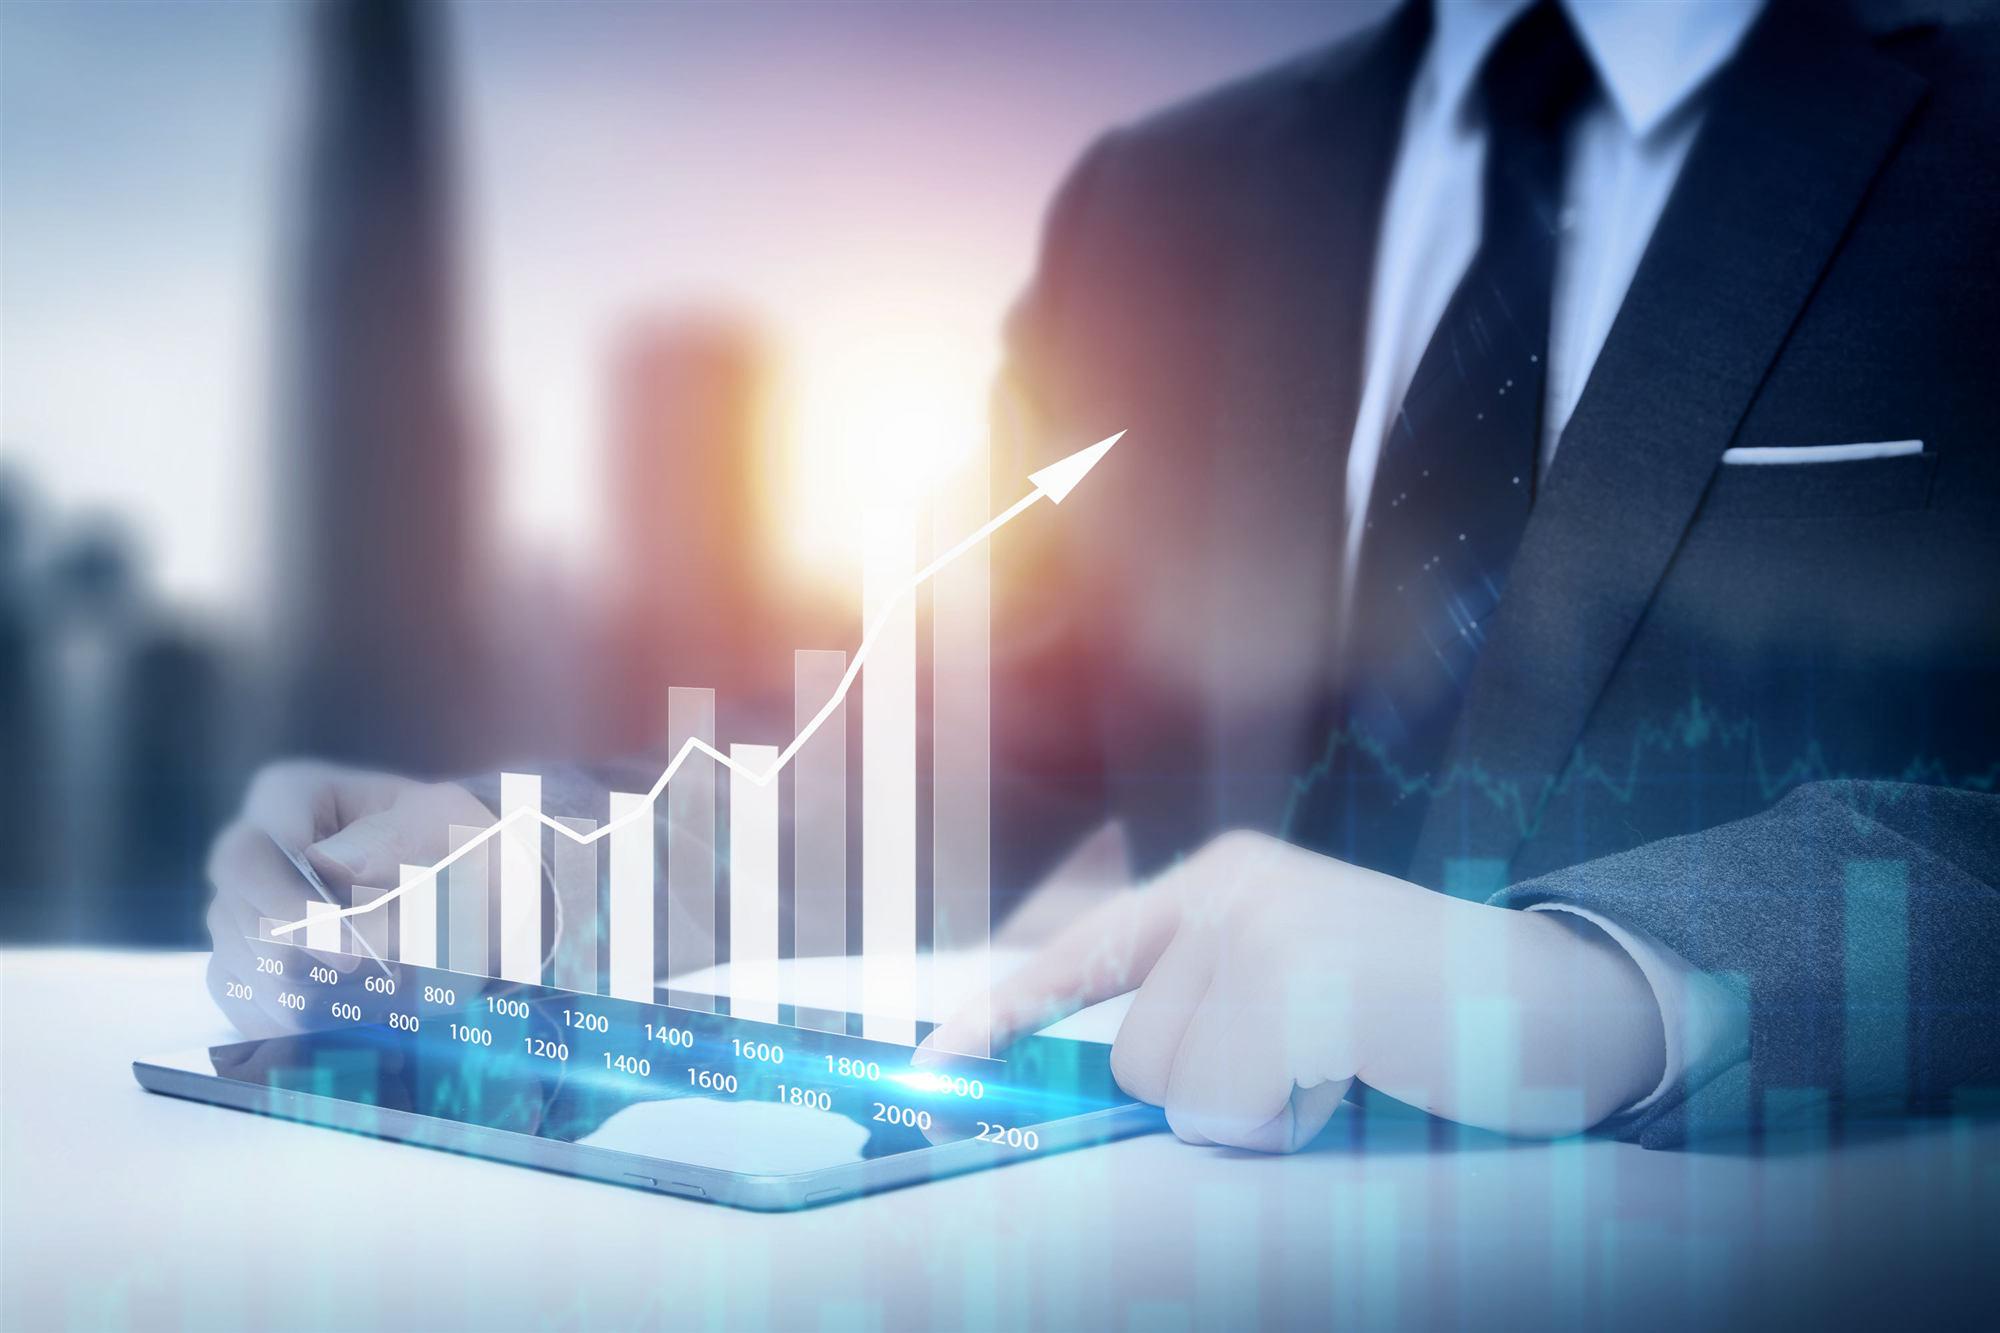 大数据分析学习之Python 数据集探索与可视化实例指南